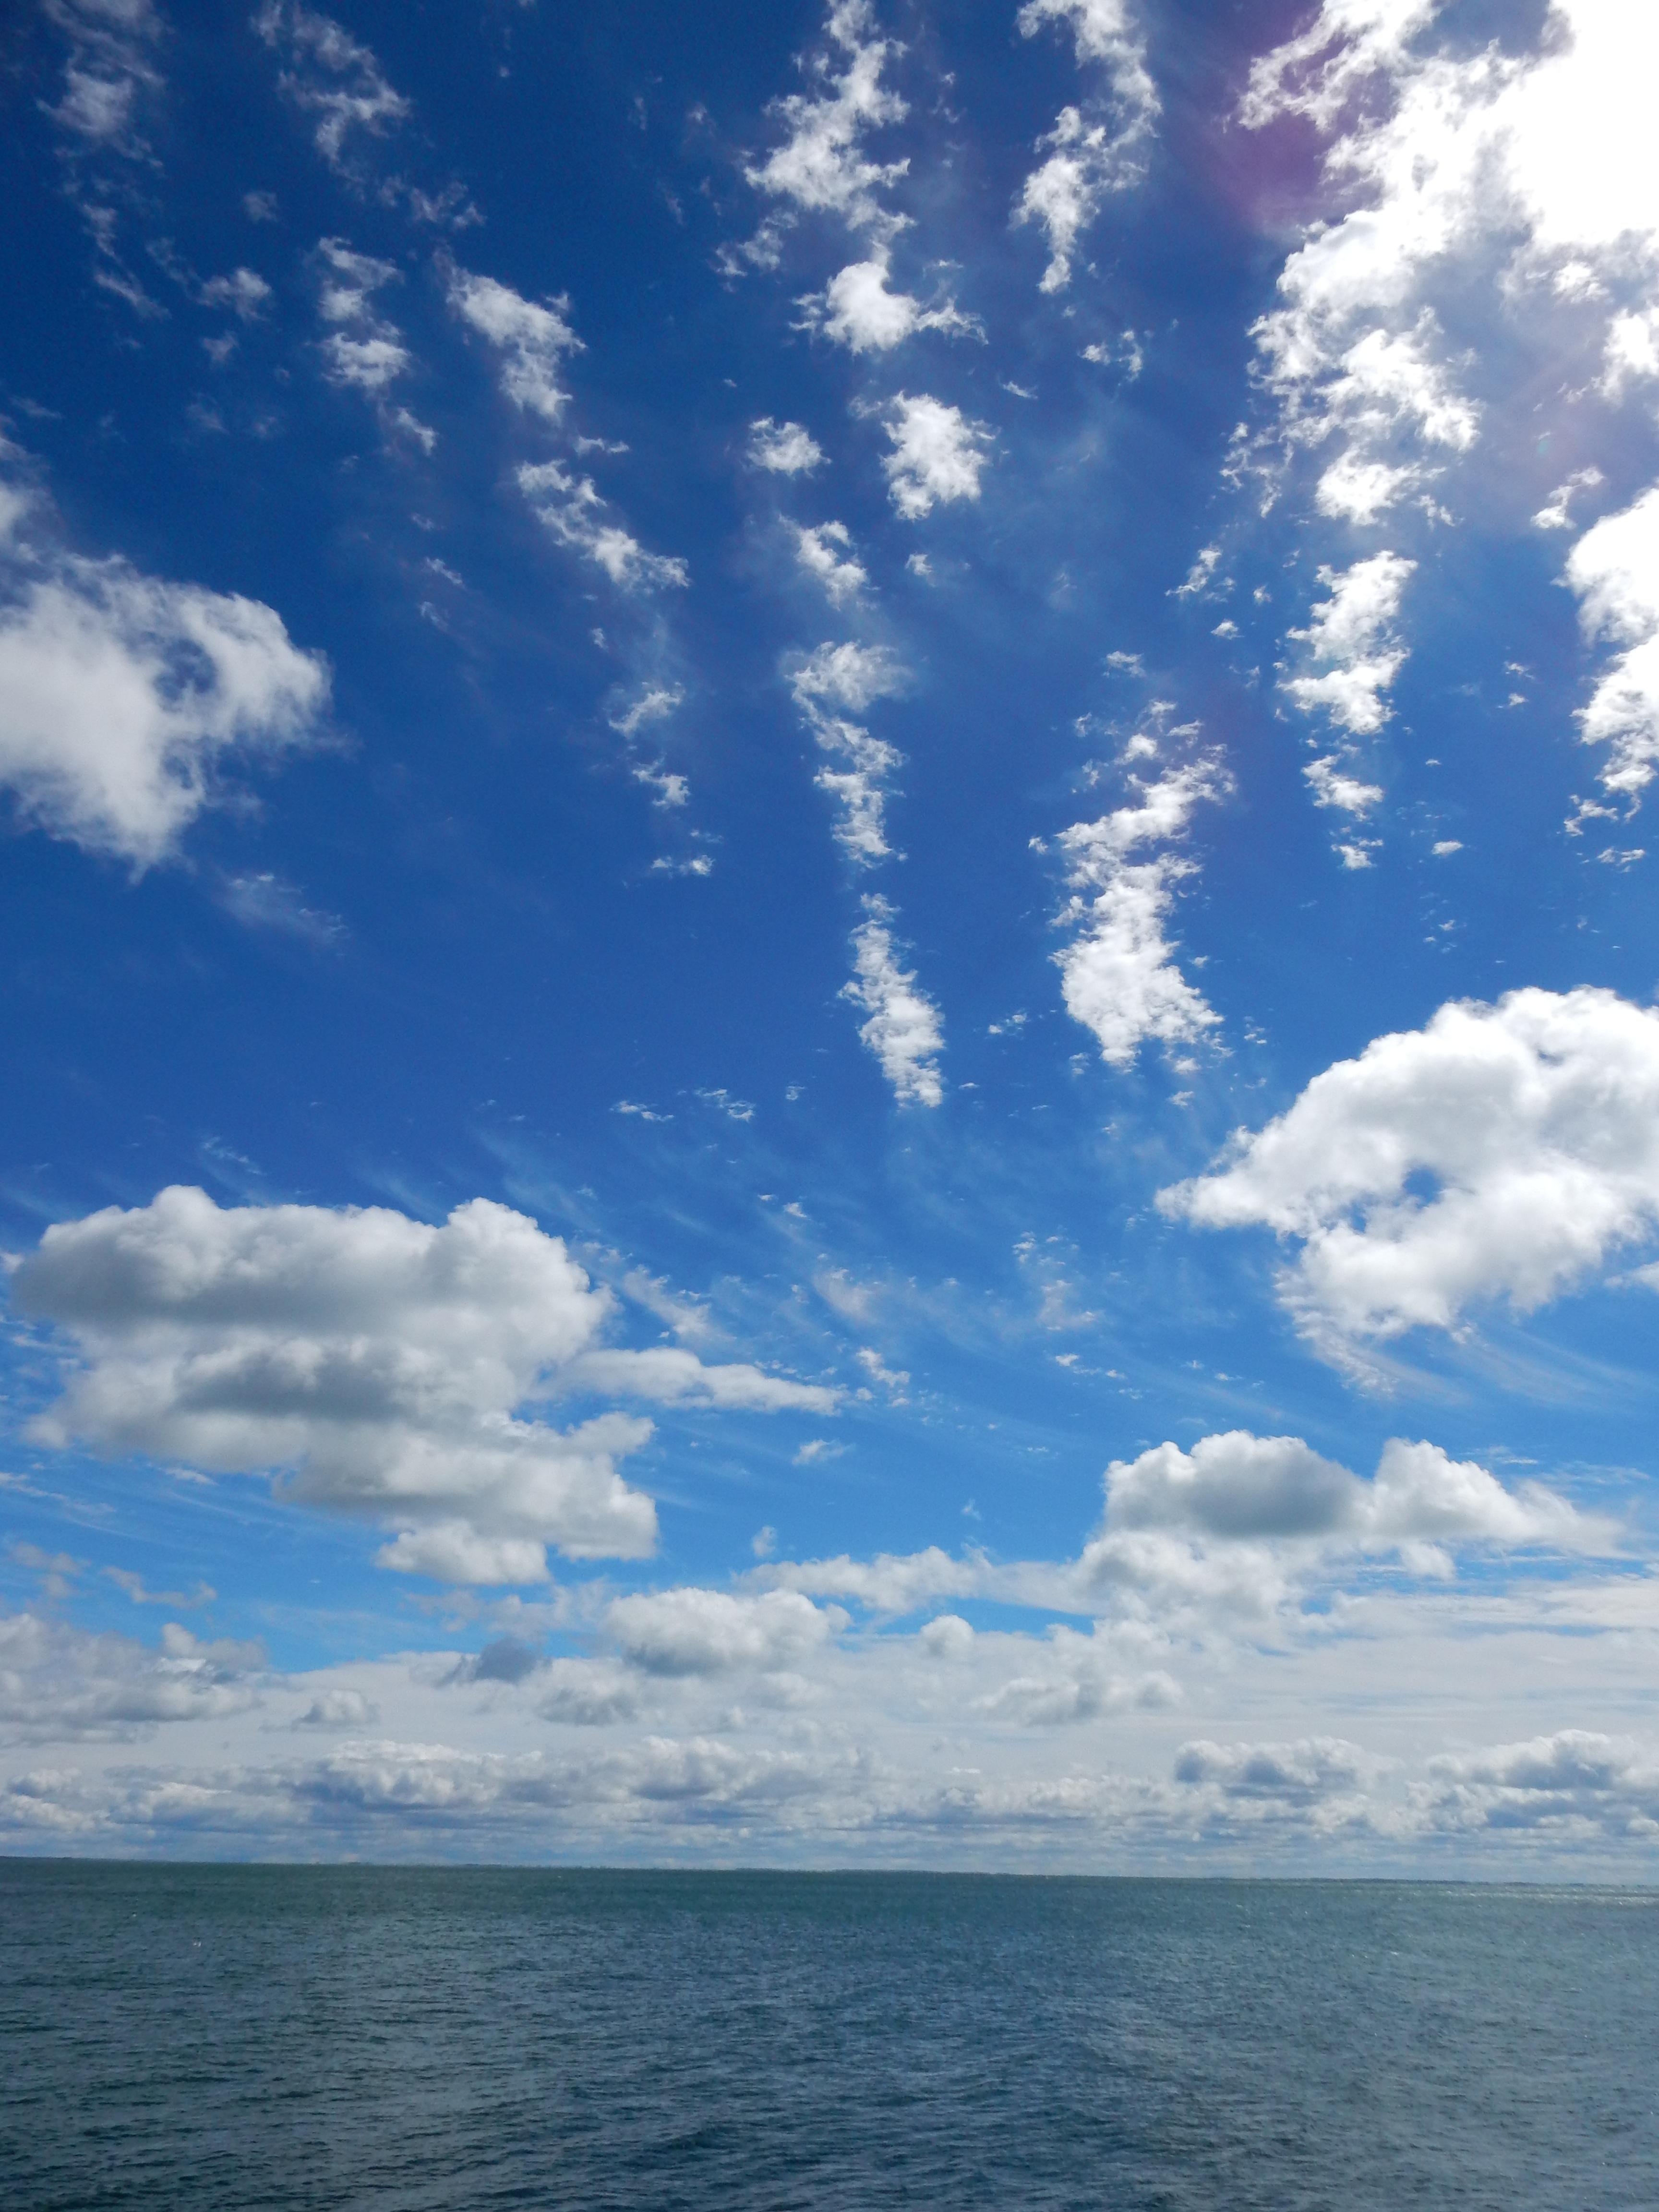 тренировки облака днем на небе картинки два московской